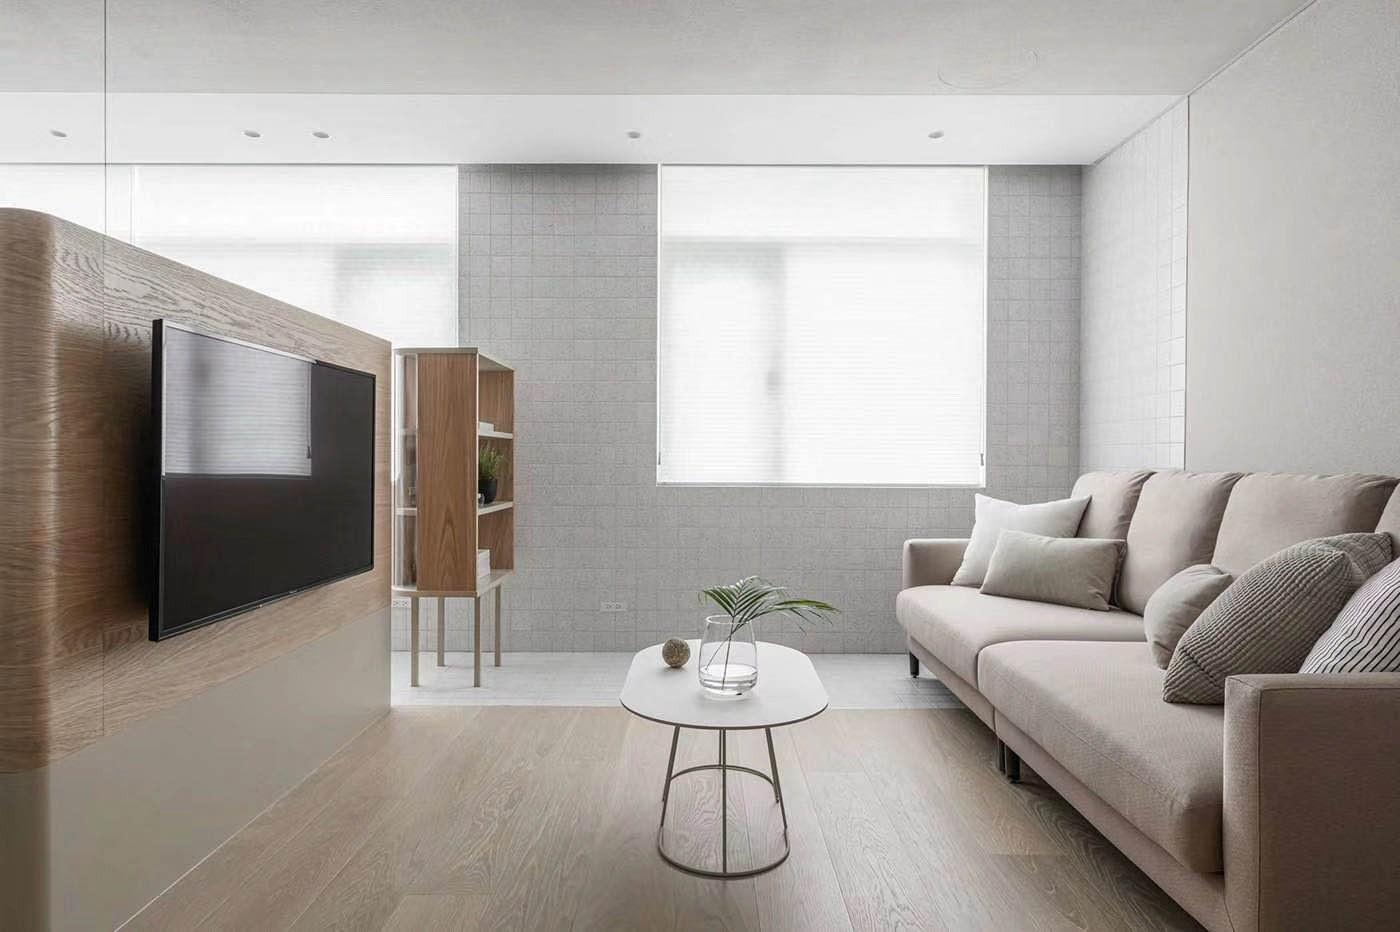 2020日式客厅装修设计 2020日式电视背景墙装修设计图片